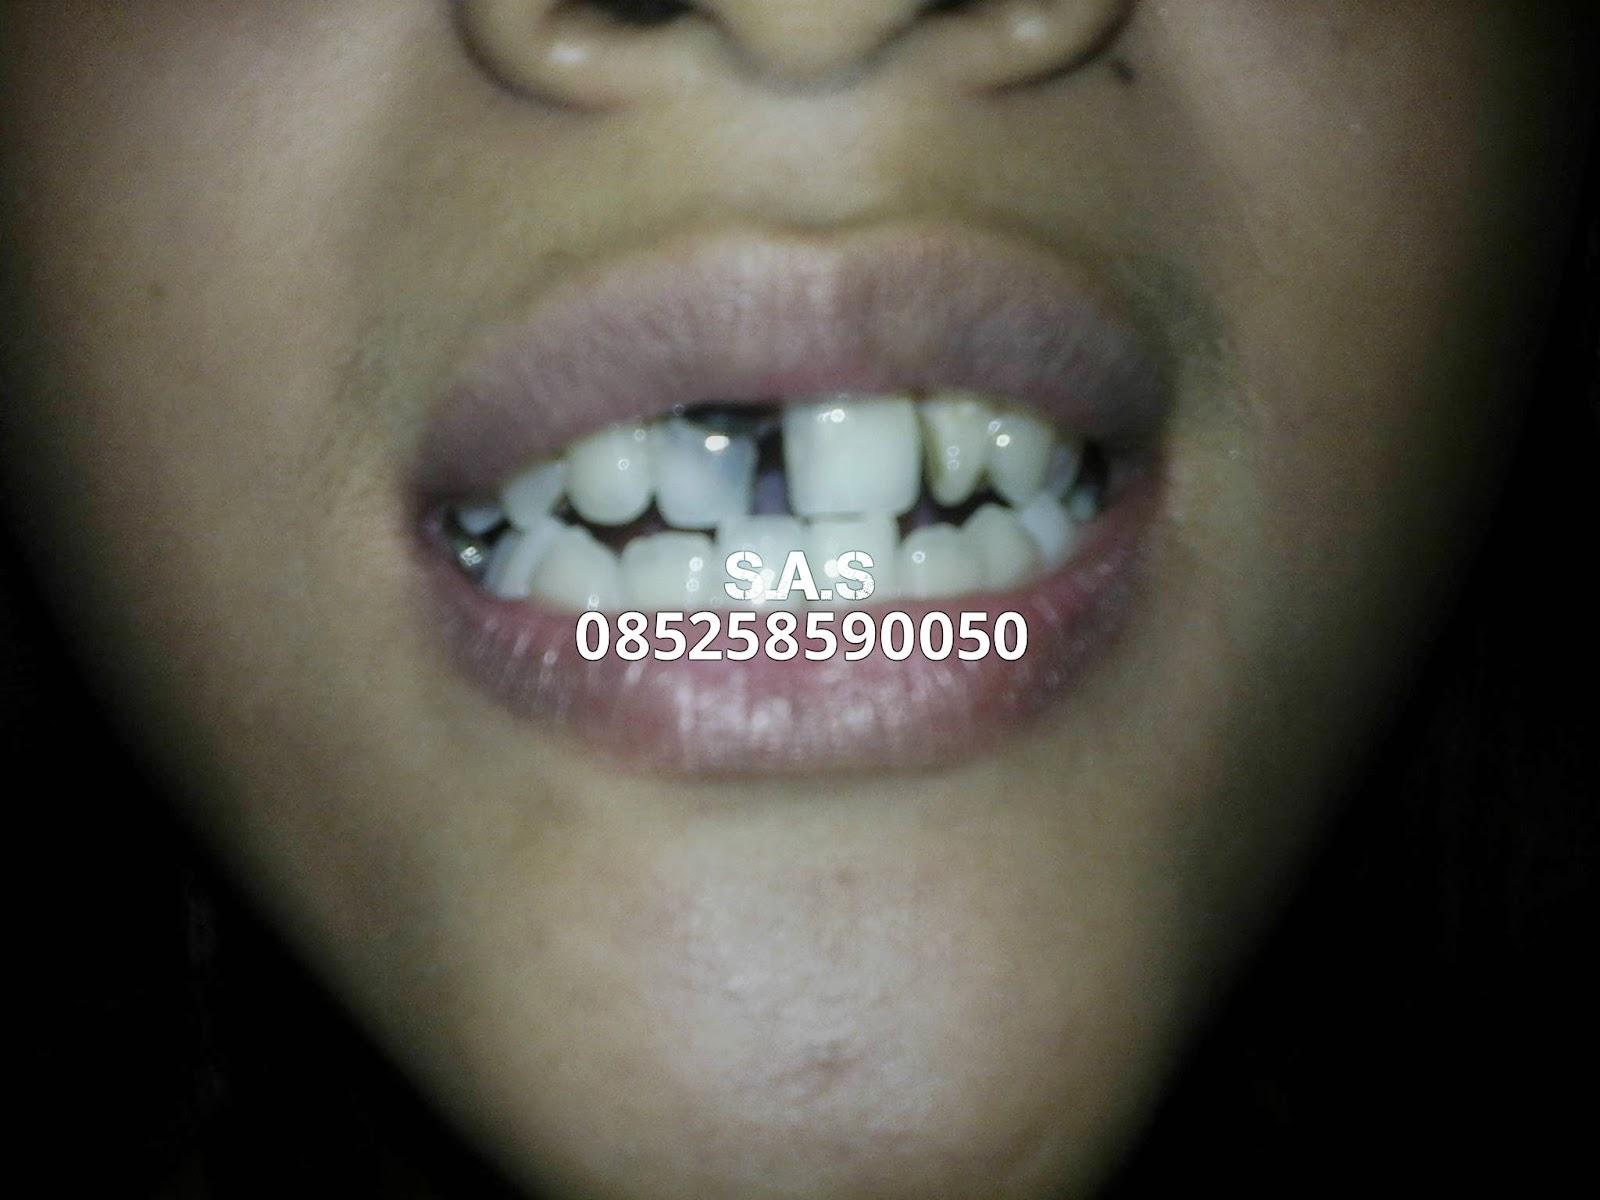 S A S Ahli Gigi Kota Pati Jateng Kota Jember Jatim Januari